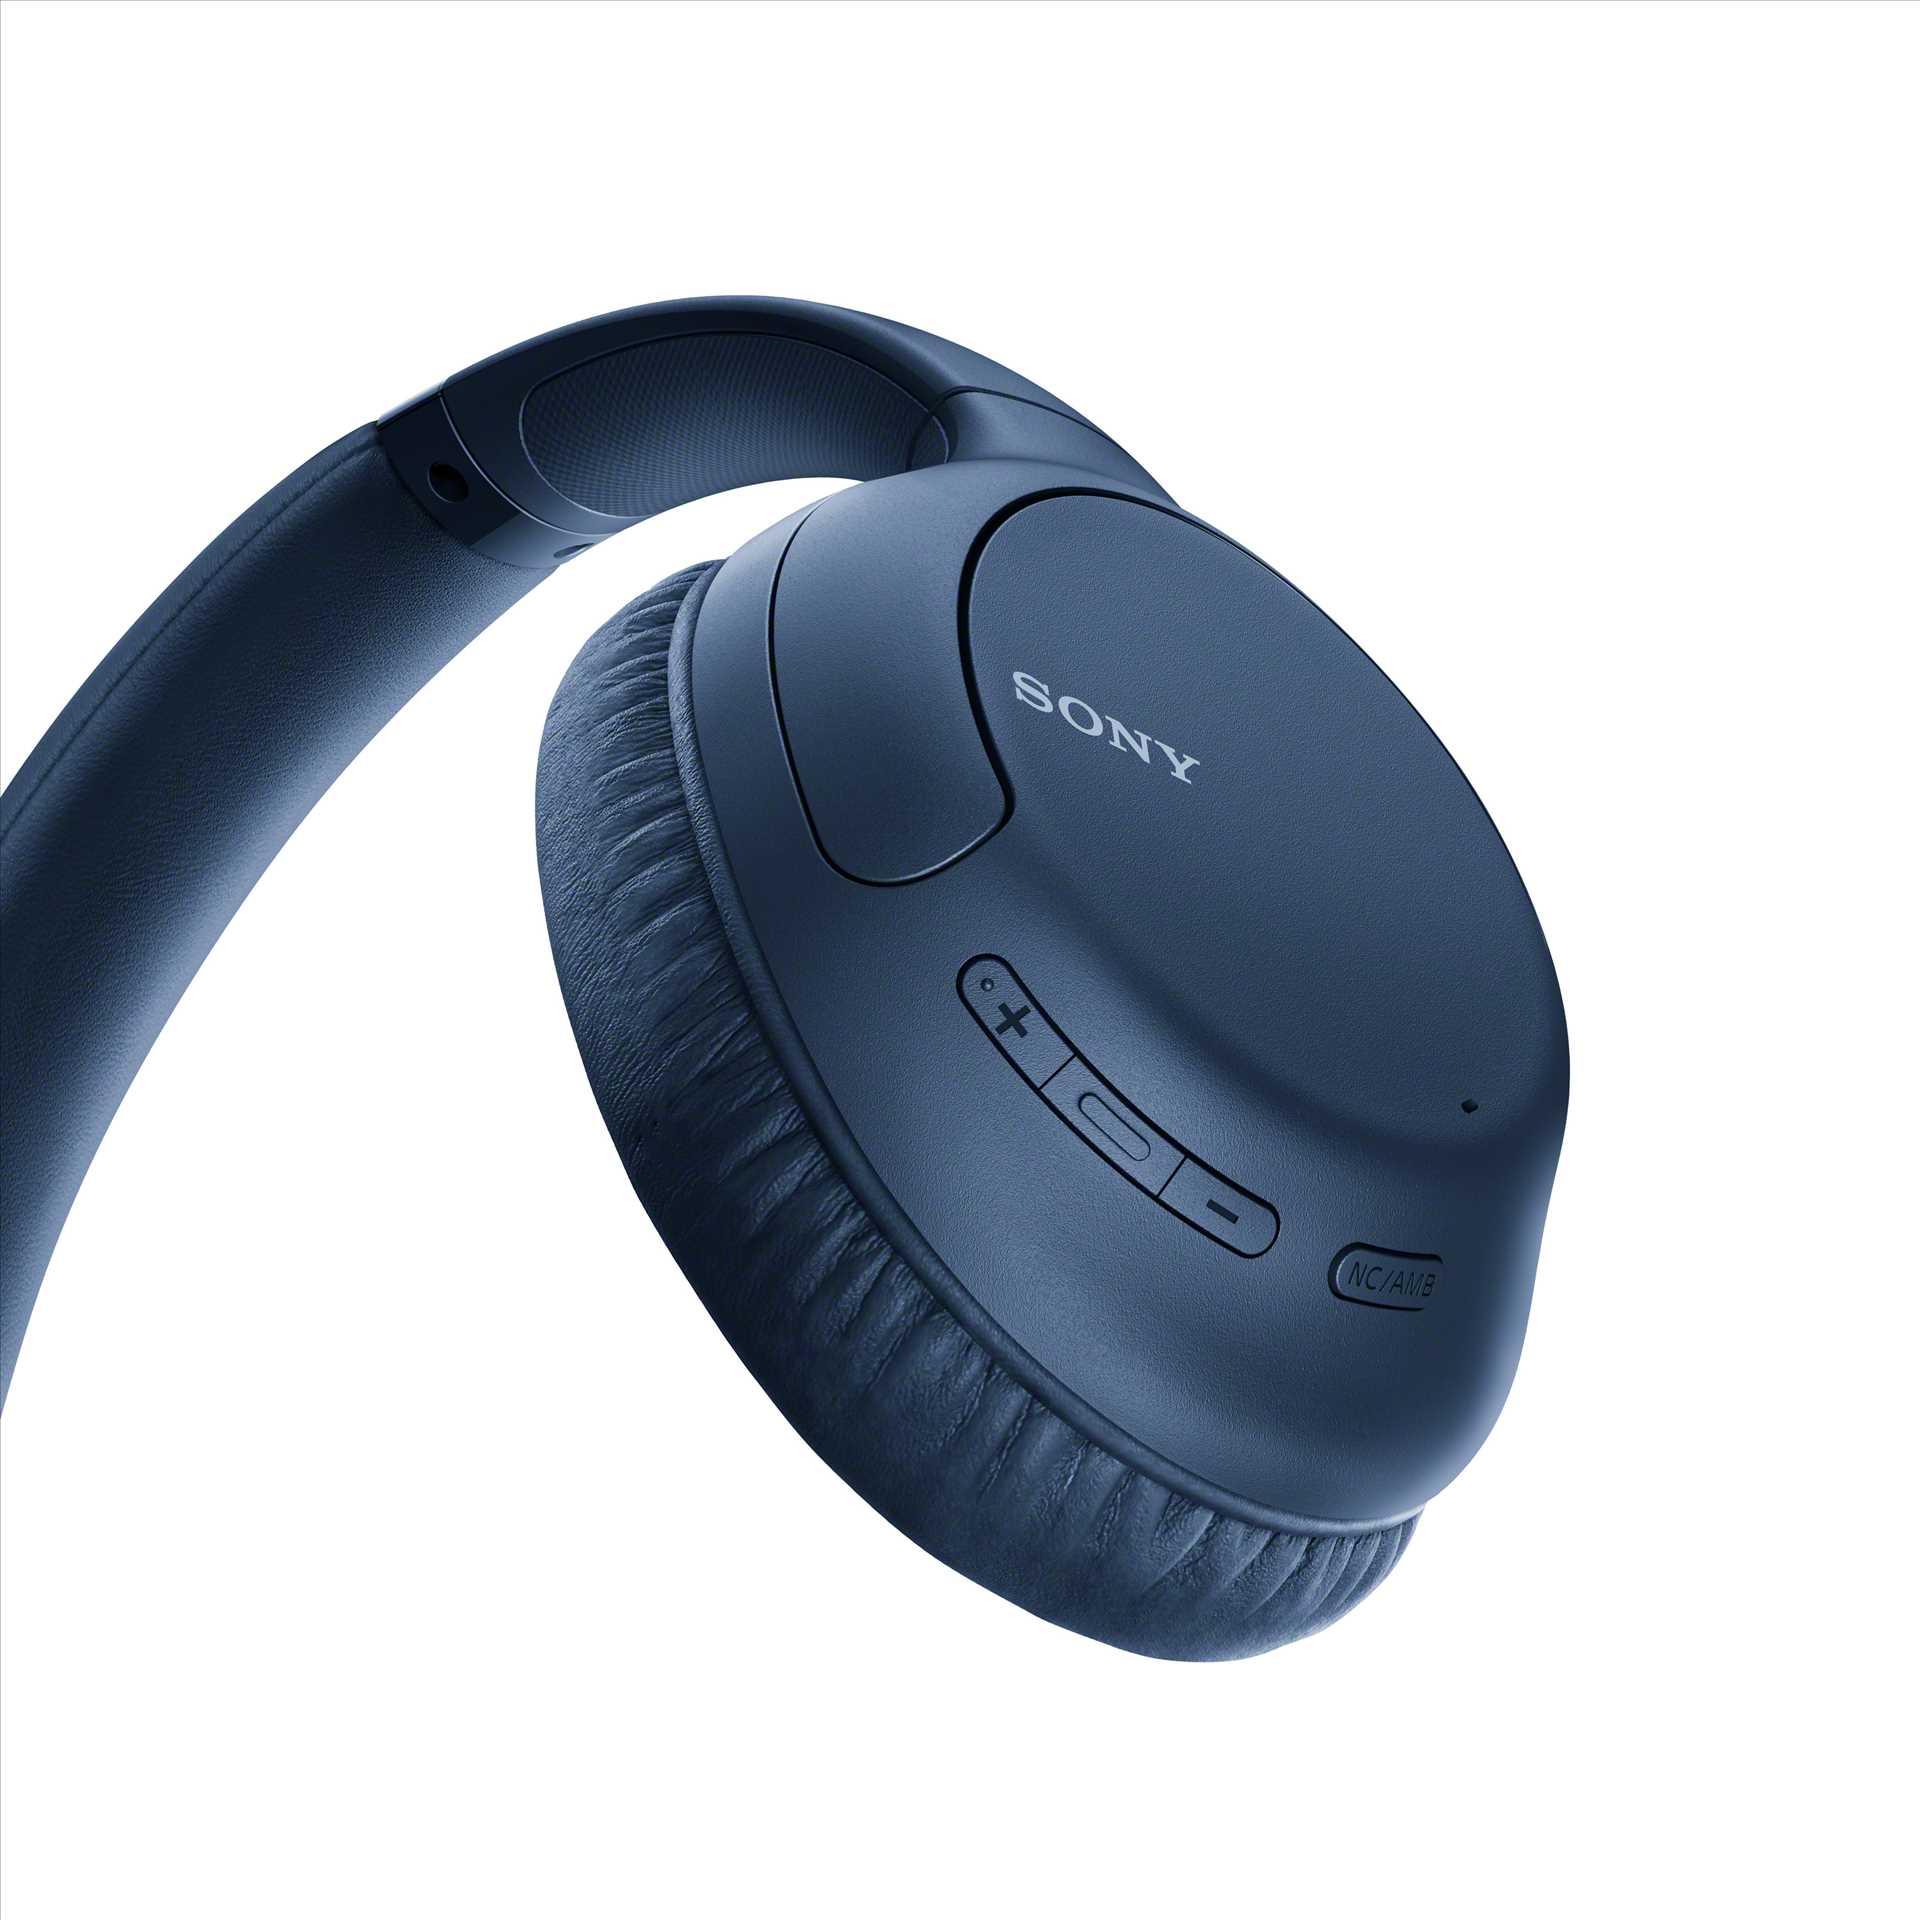 אוזניות Sony WH-CH710NL Bluetooth סוני כחולות - תמונה 5